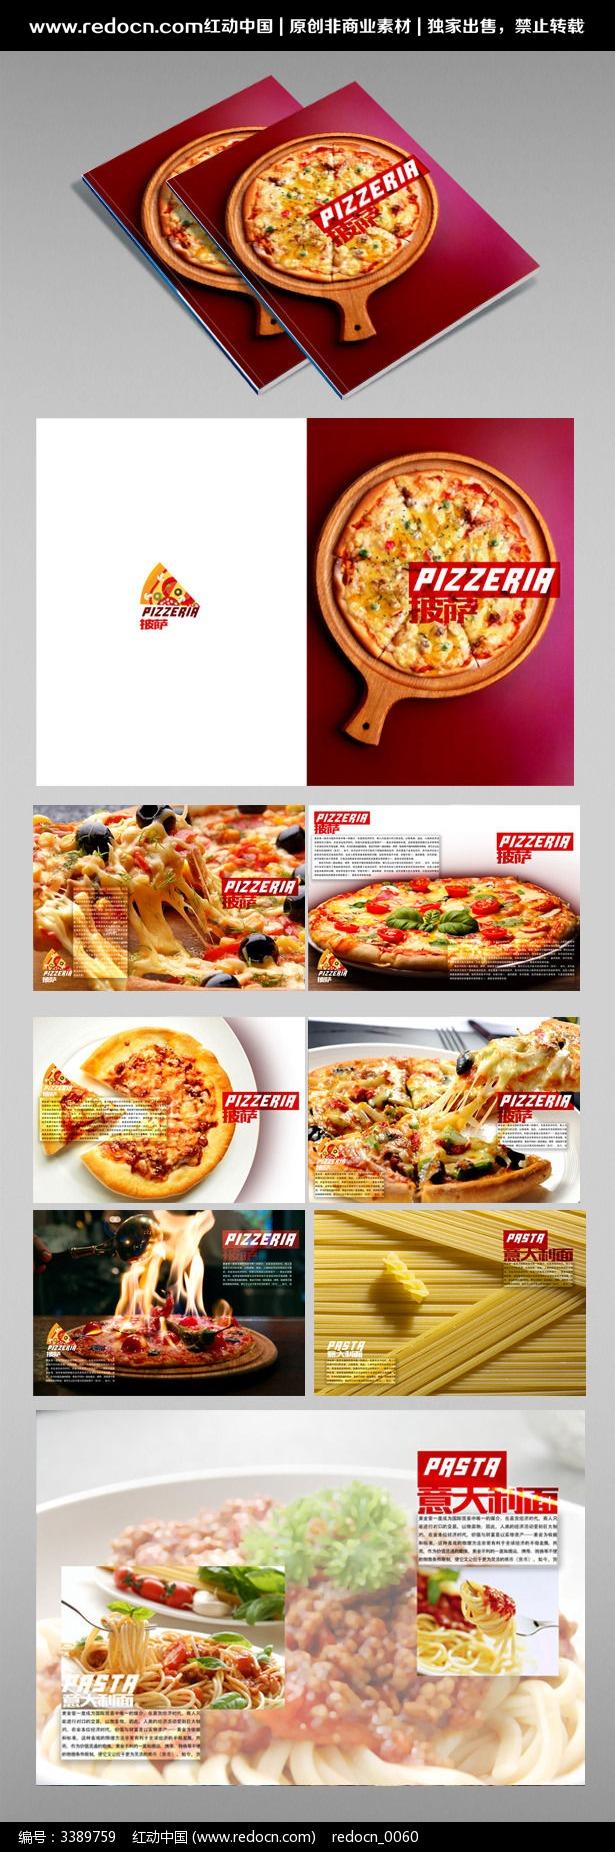 餐厅美食画册设计